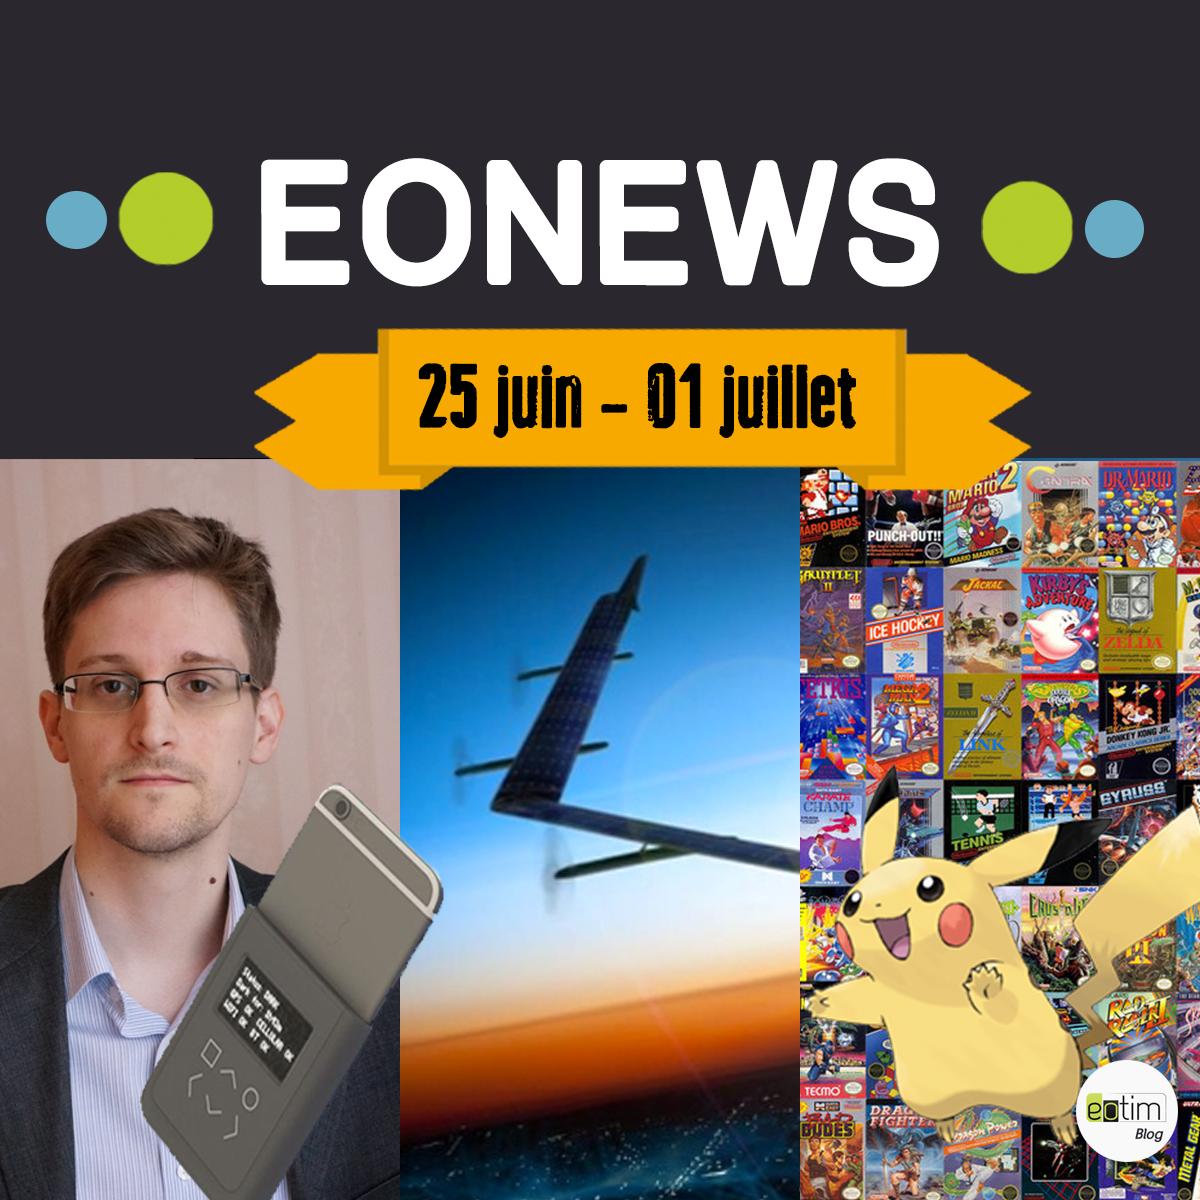 Eonews : l'essentiel de la semaine (16-22 juillet)